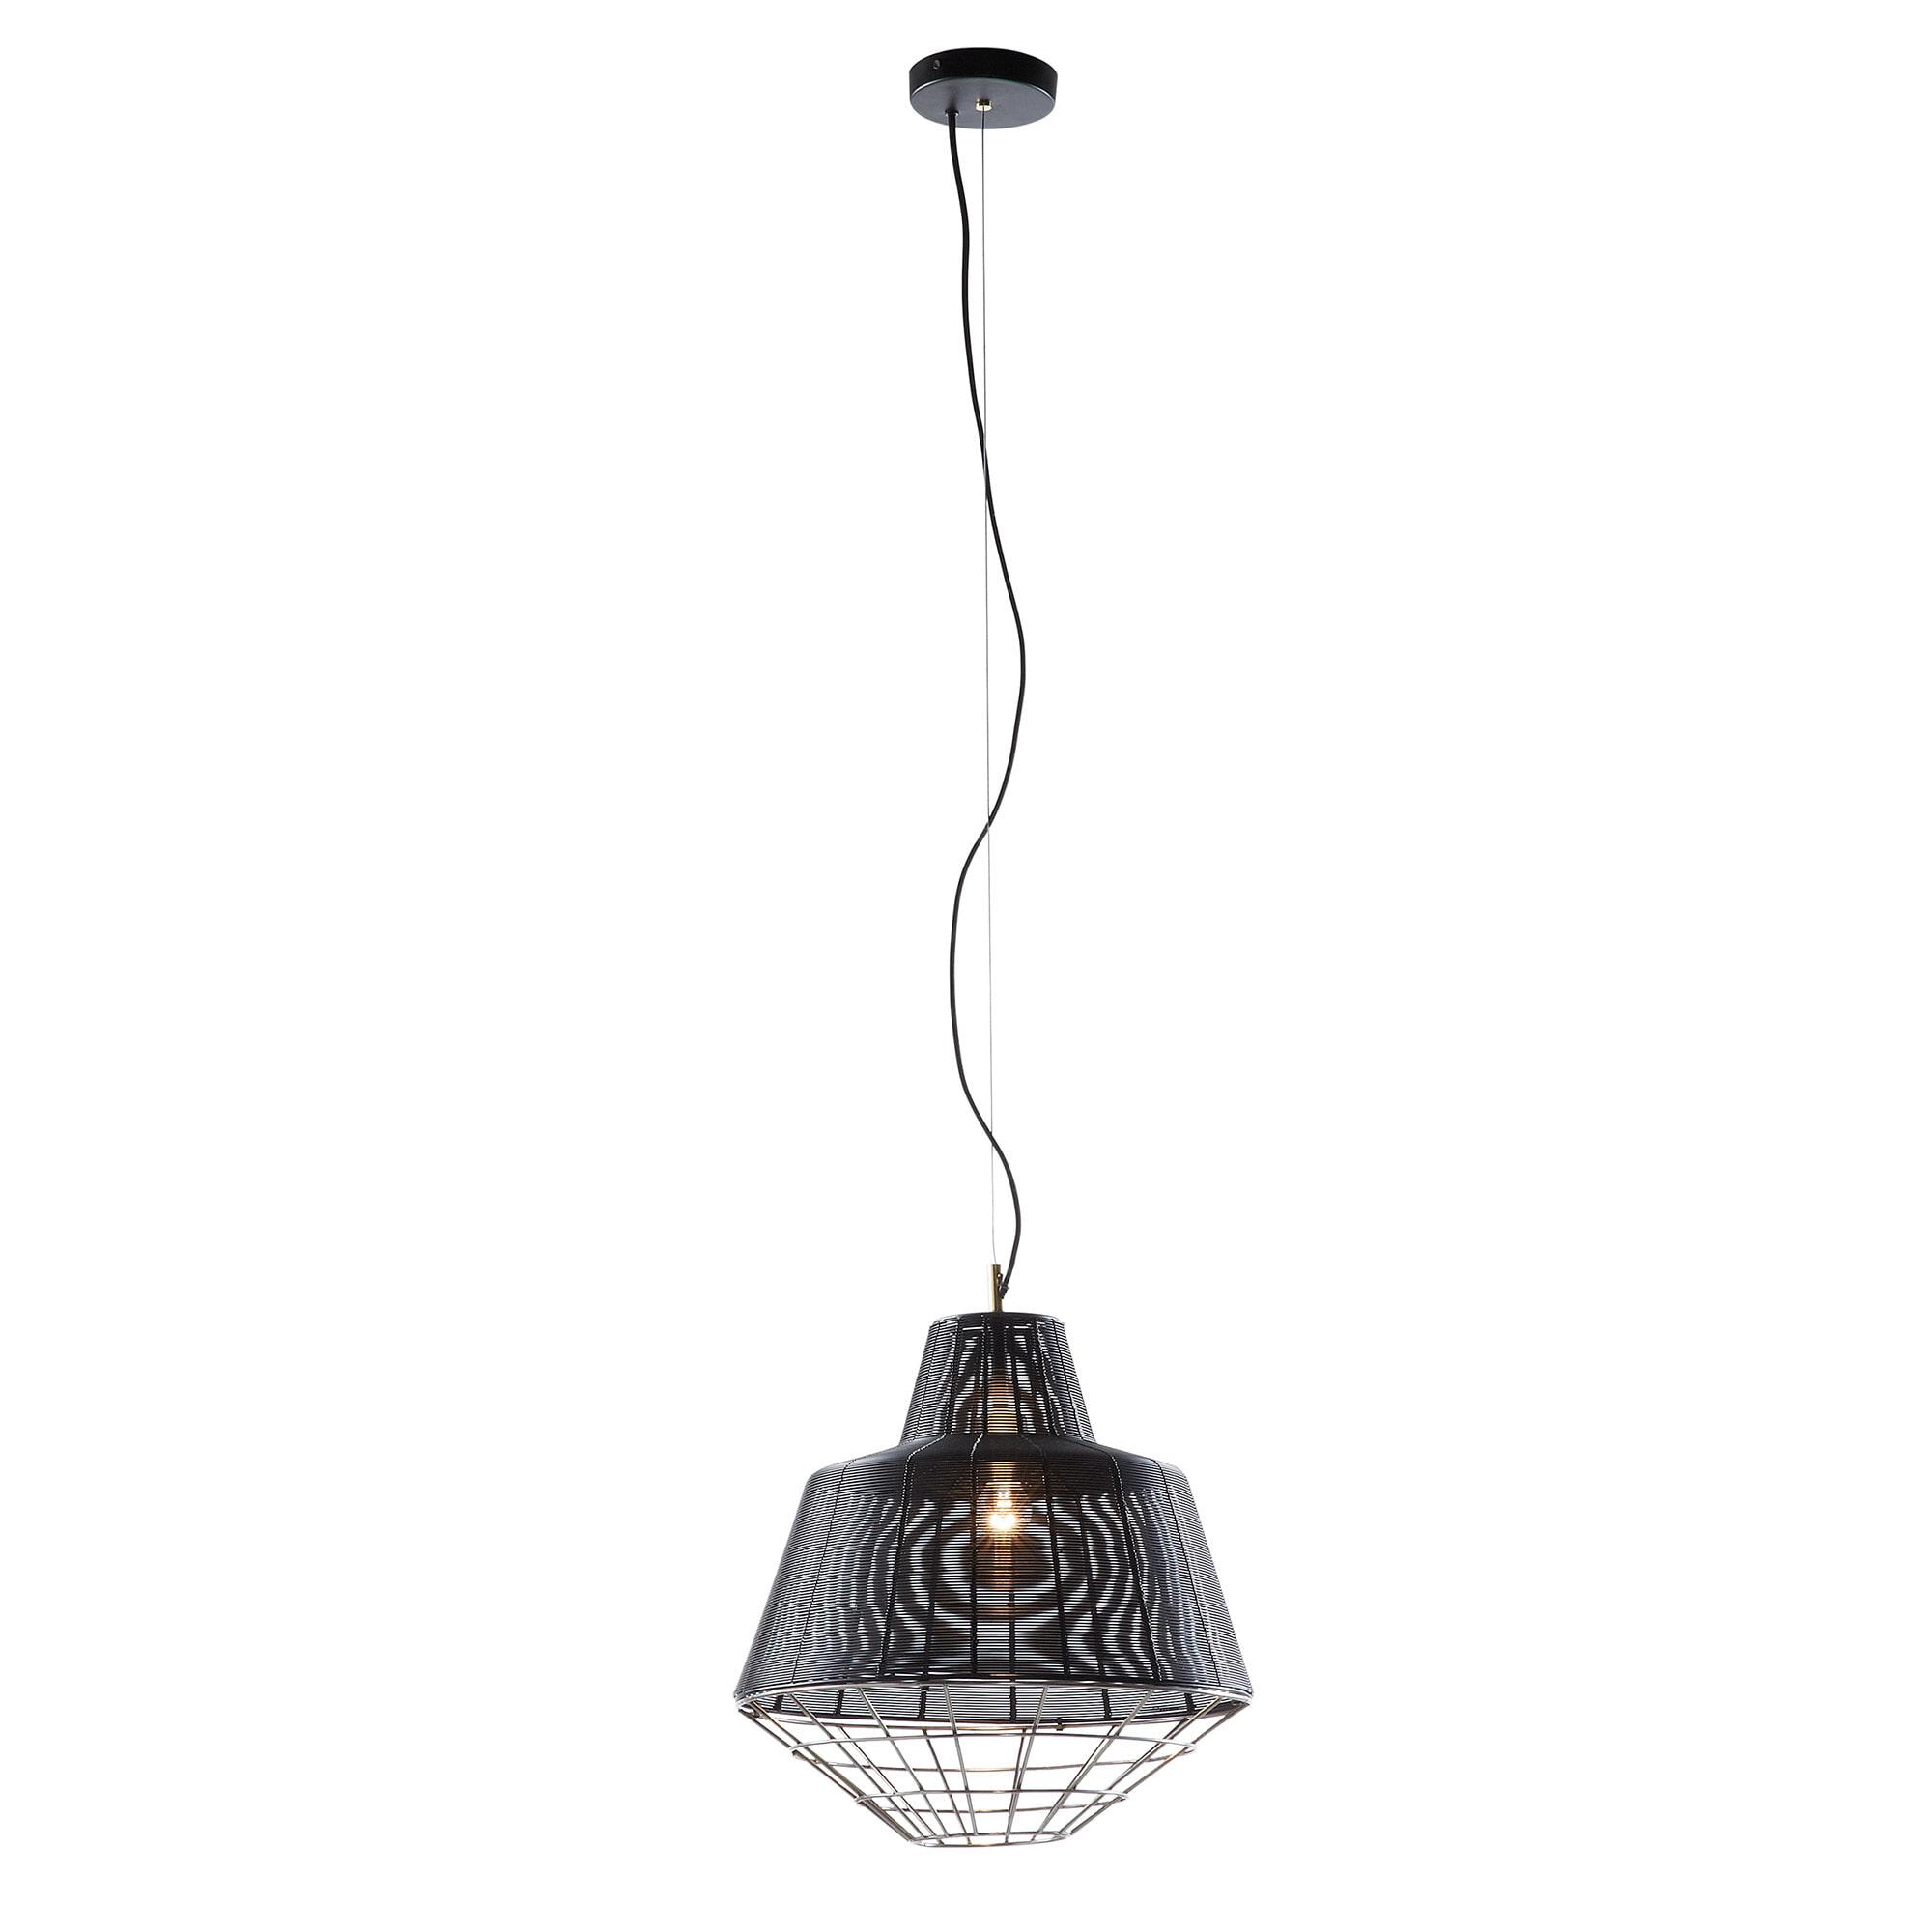 Kave Home Hanglamp 'Dalton', kleur zwart Verlichting   Hanglampen vergelijken doe je het voordeligst hier bij Meubelpartner